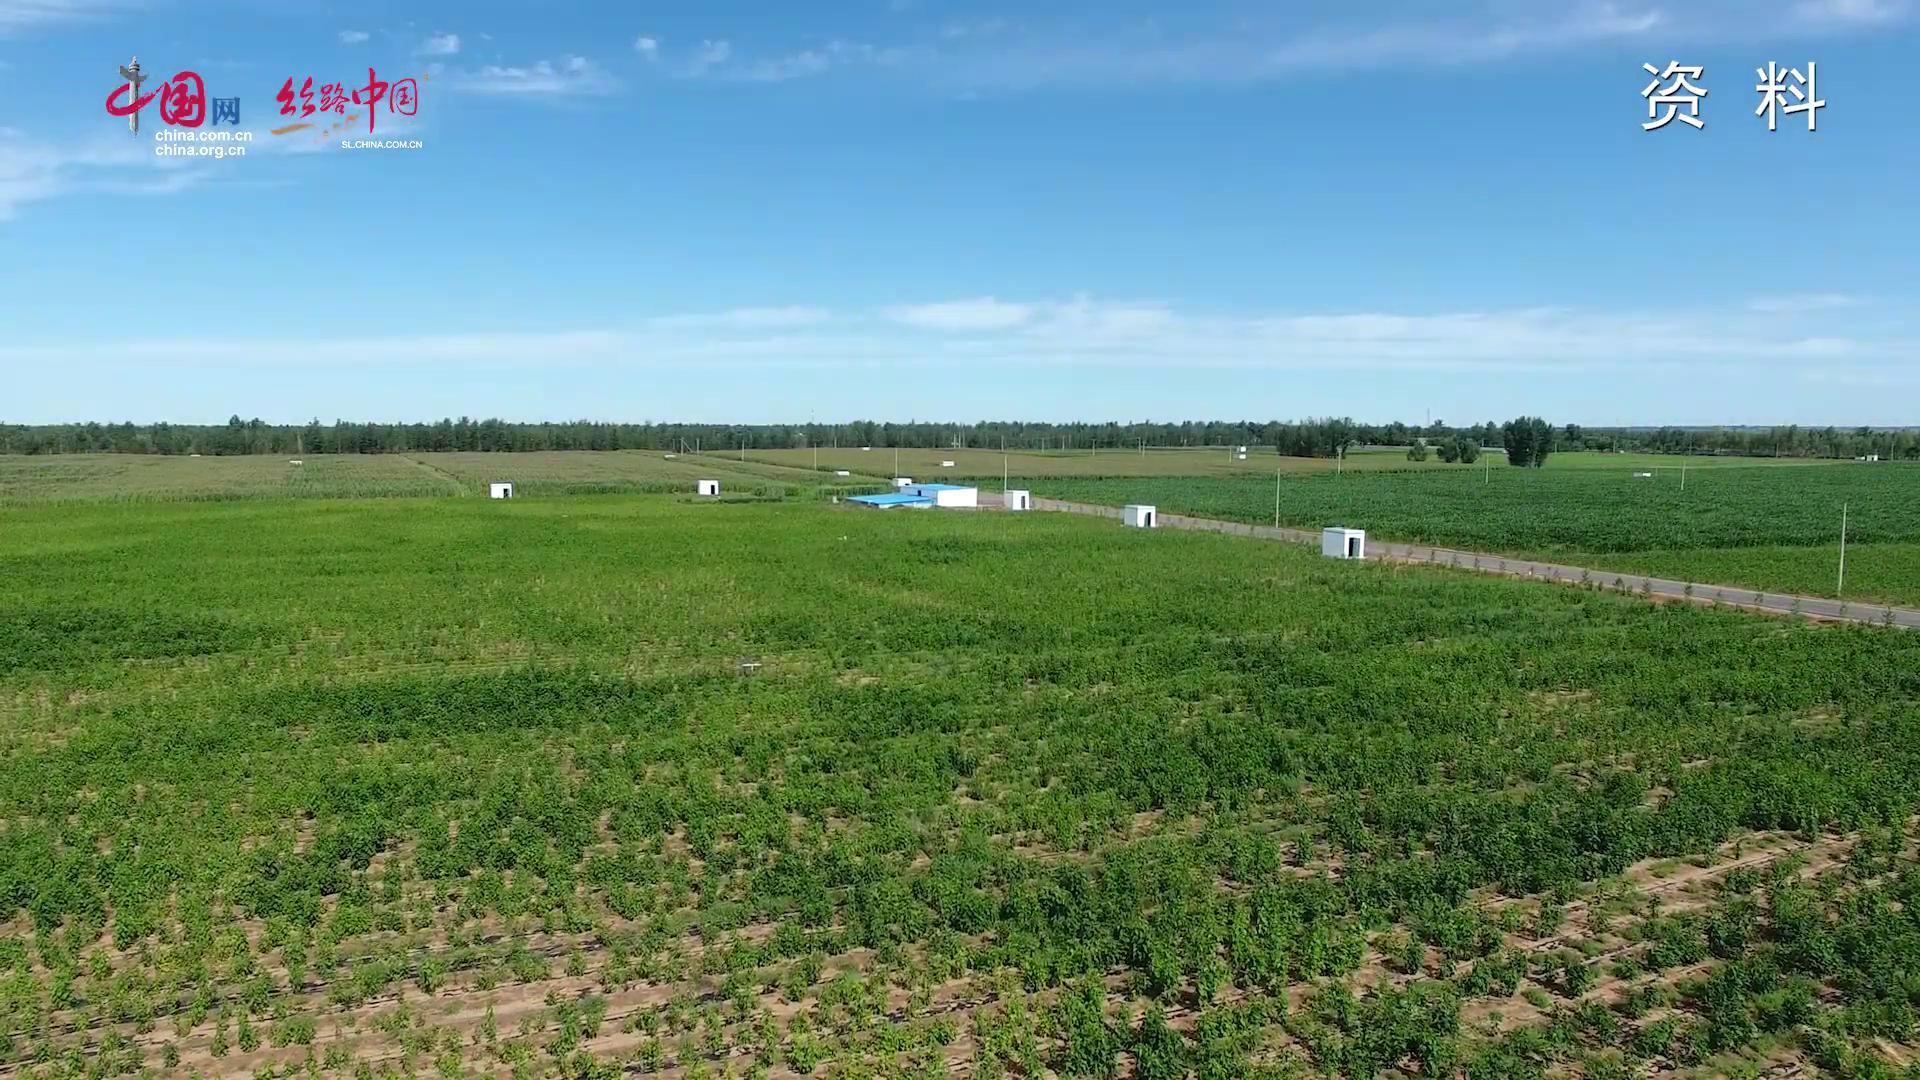 【视频】长青集团:黄沙地上健康生态农业探索者